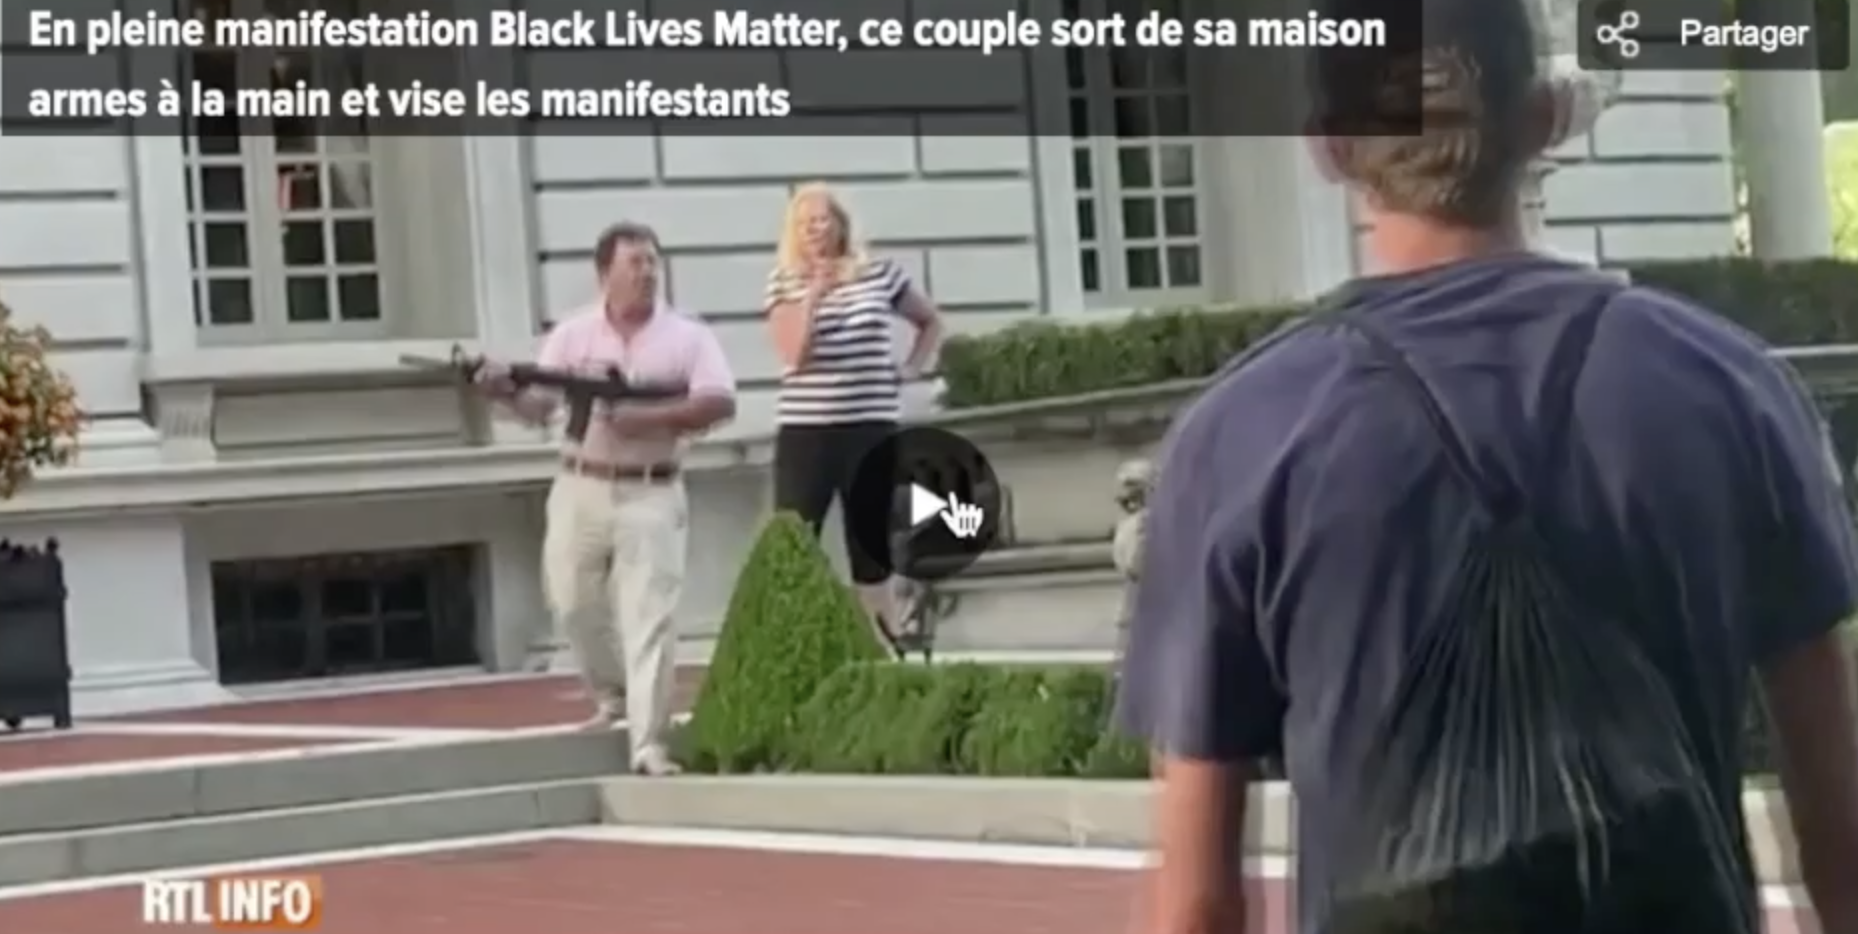 USA : menacés par une manif BLM, deux Blancs sortent les flingues…